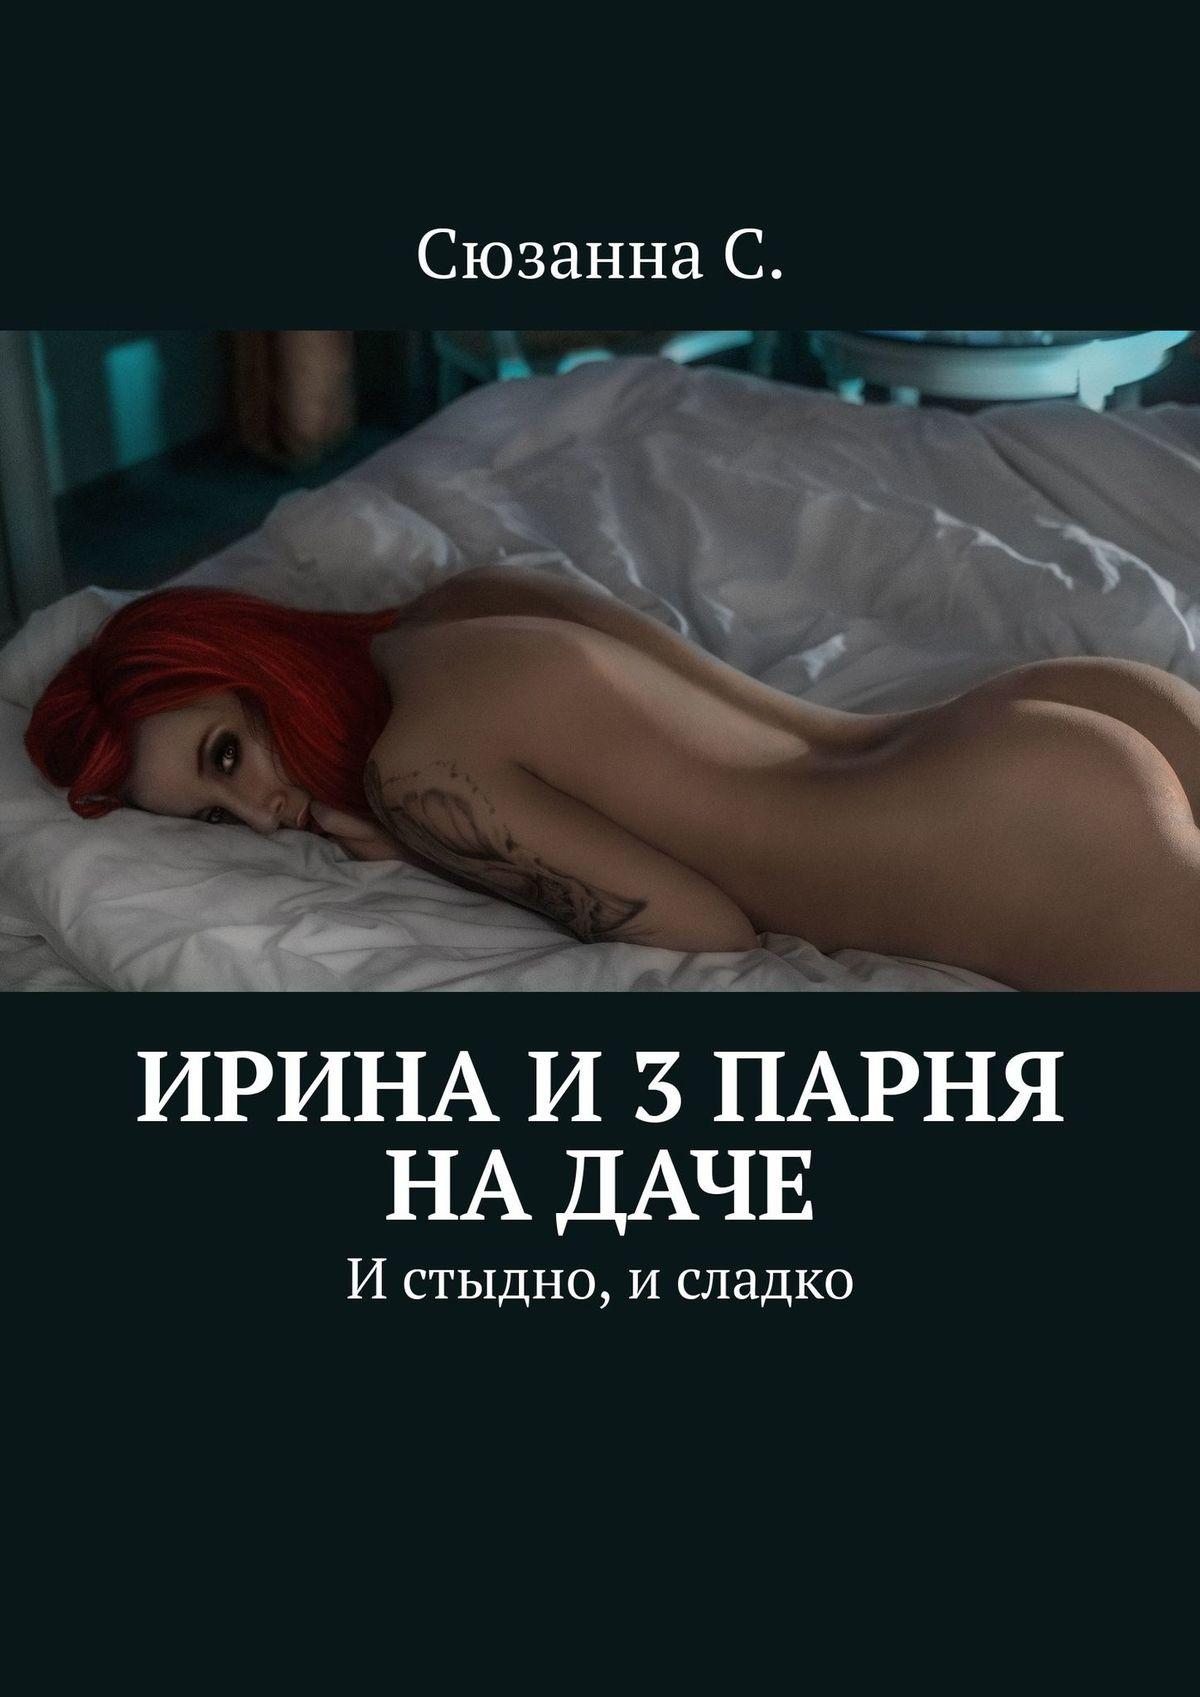 Купить книгу Ирина и3парня надаче. И стыдно, и сладко, автора Сюзанны С.